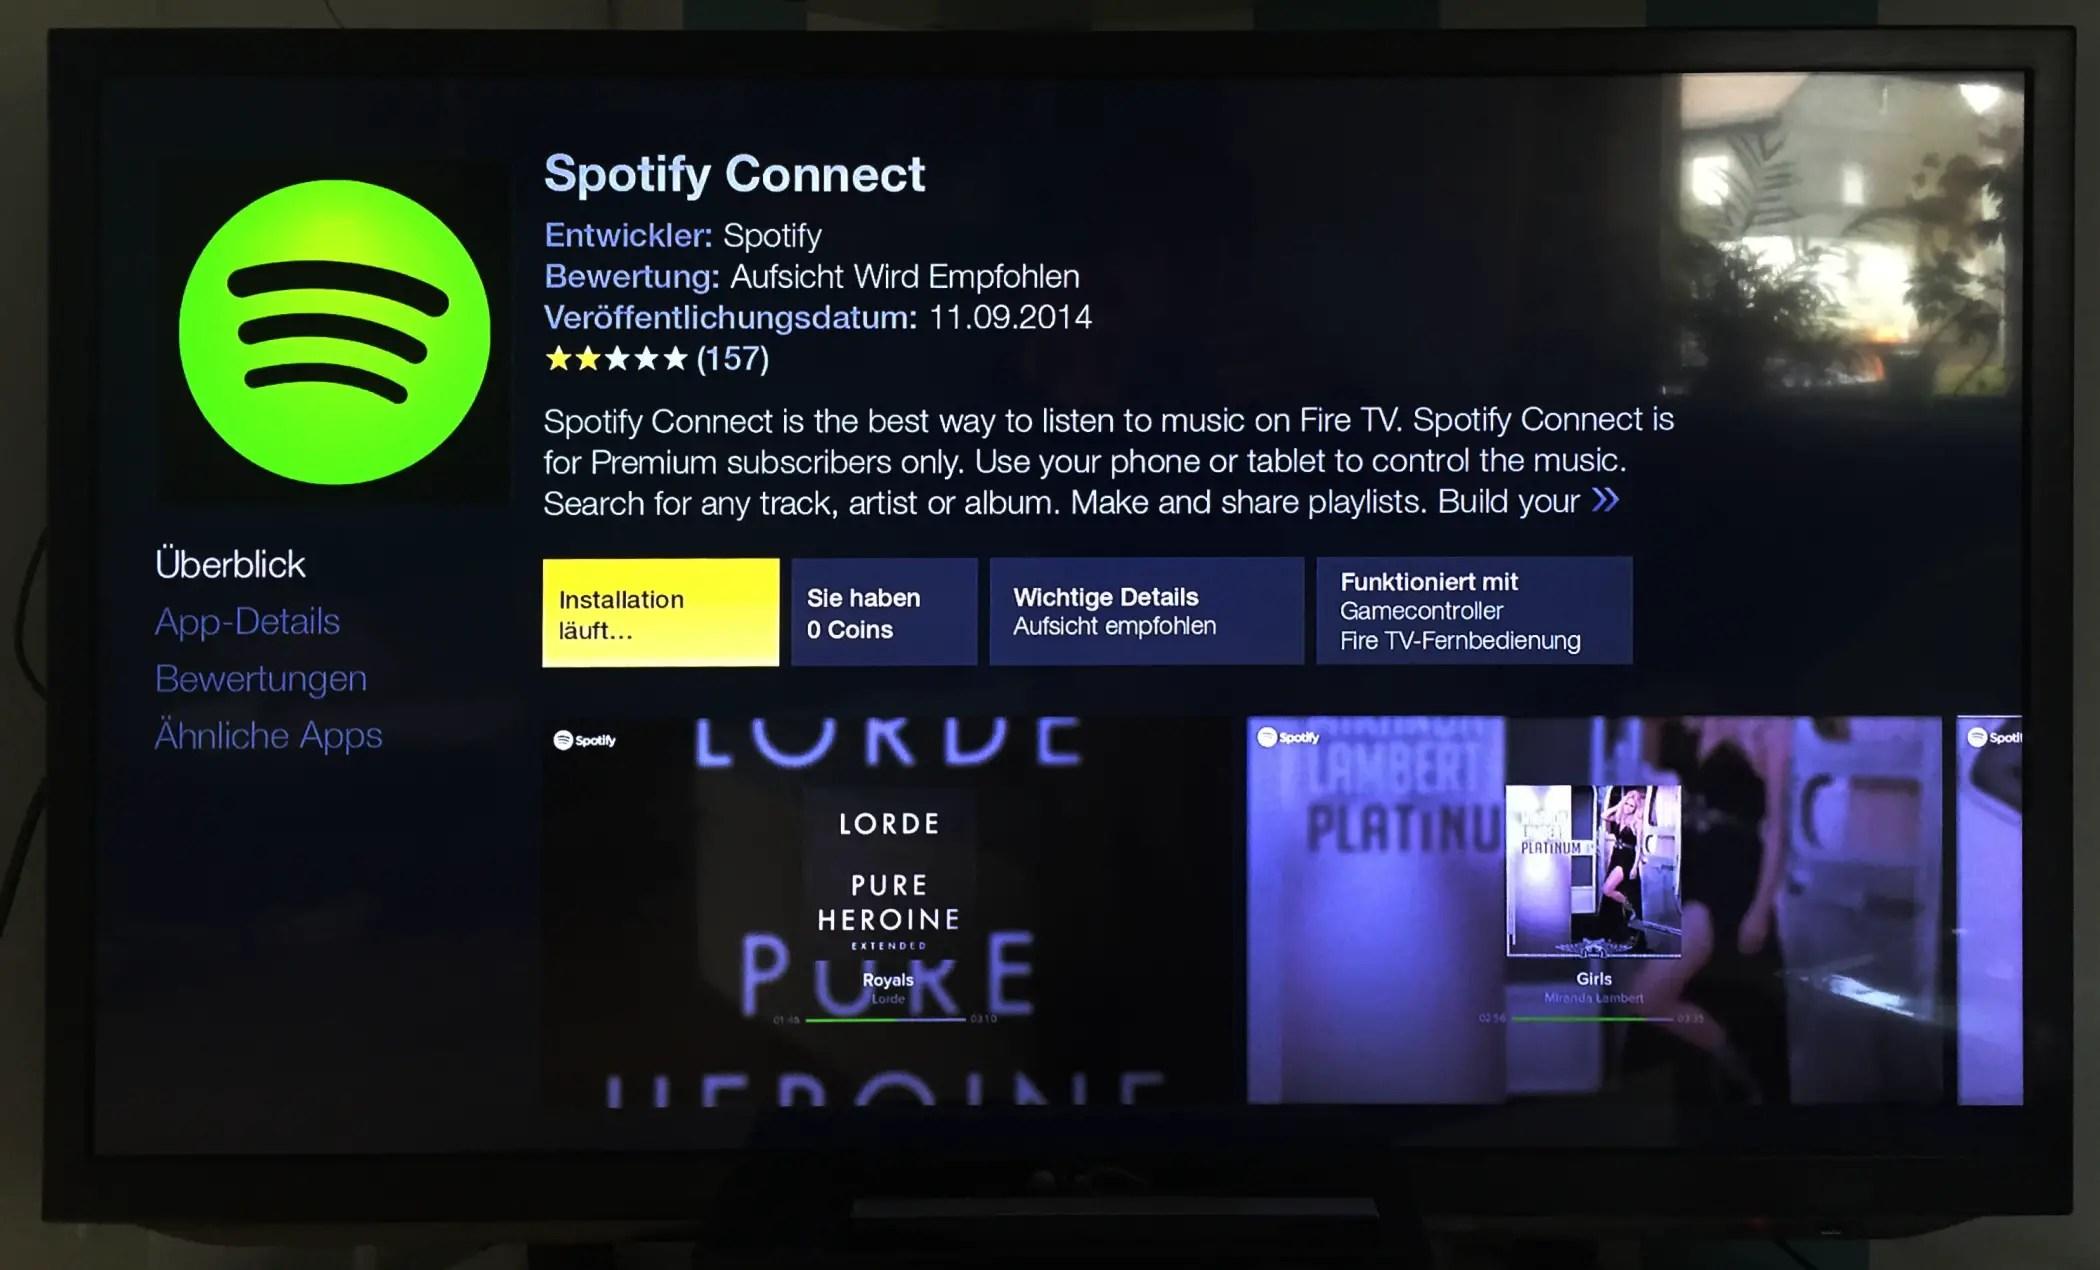 Da ist es also. Spotify geht nur mit Premium-Account.